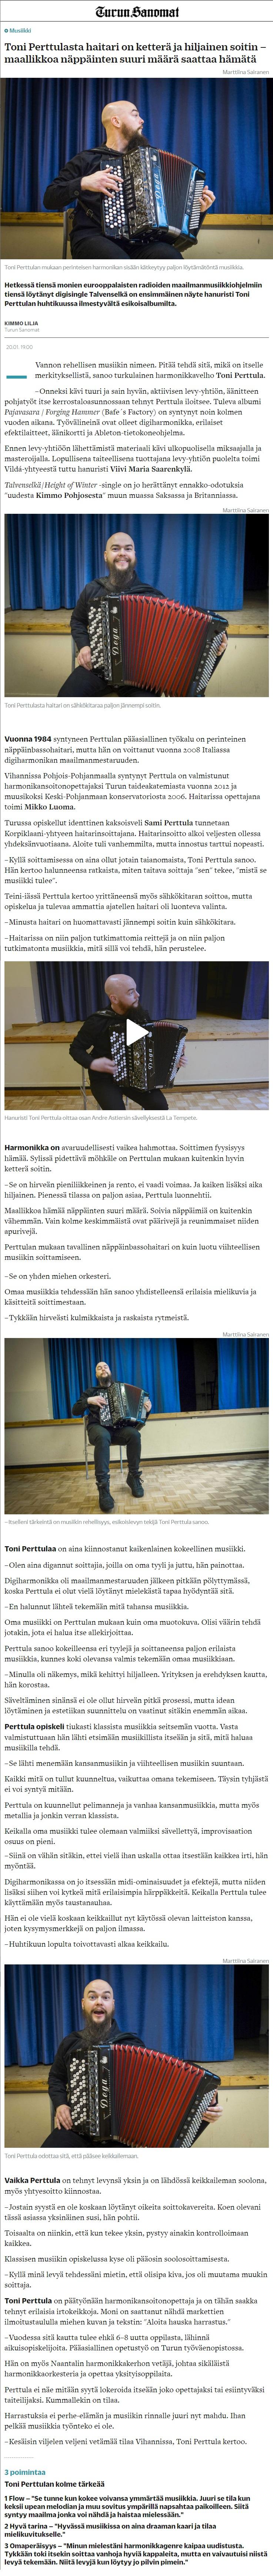 Turun Sanomat (Finland), 20.1.2021